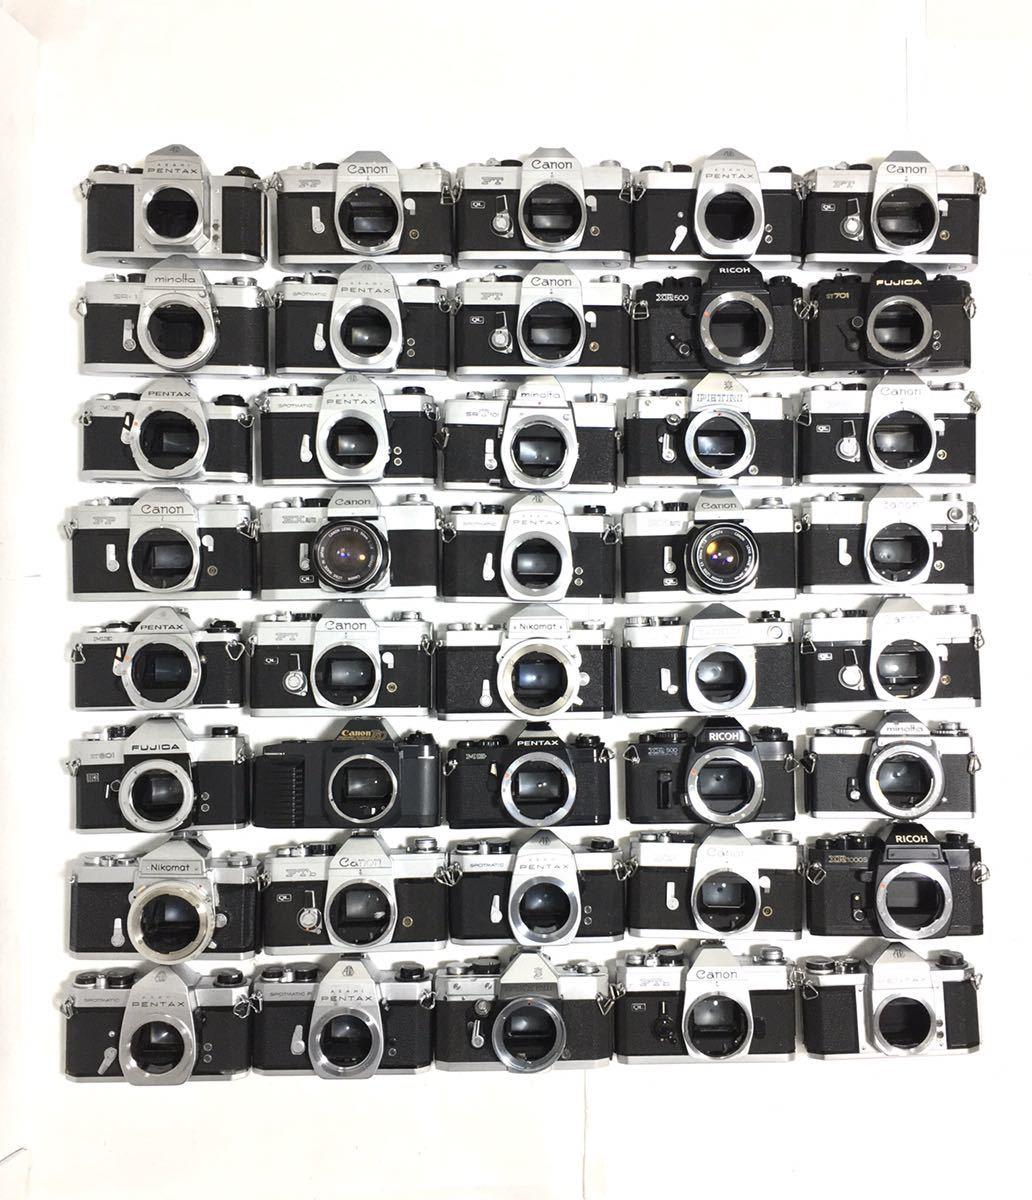 フィルムカメラ 一眼レフ マニュアル 40台 まとめ 大量セット Canon PENTAX MINOLTA Nikon YASHICA RICHO FUJICA その他 動作未確認